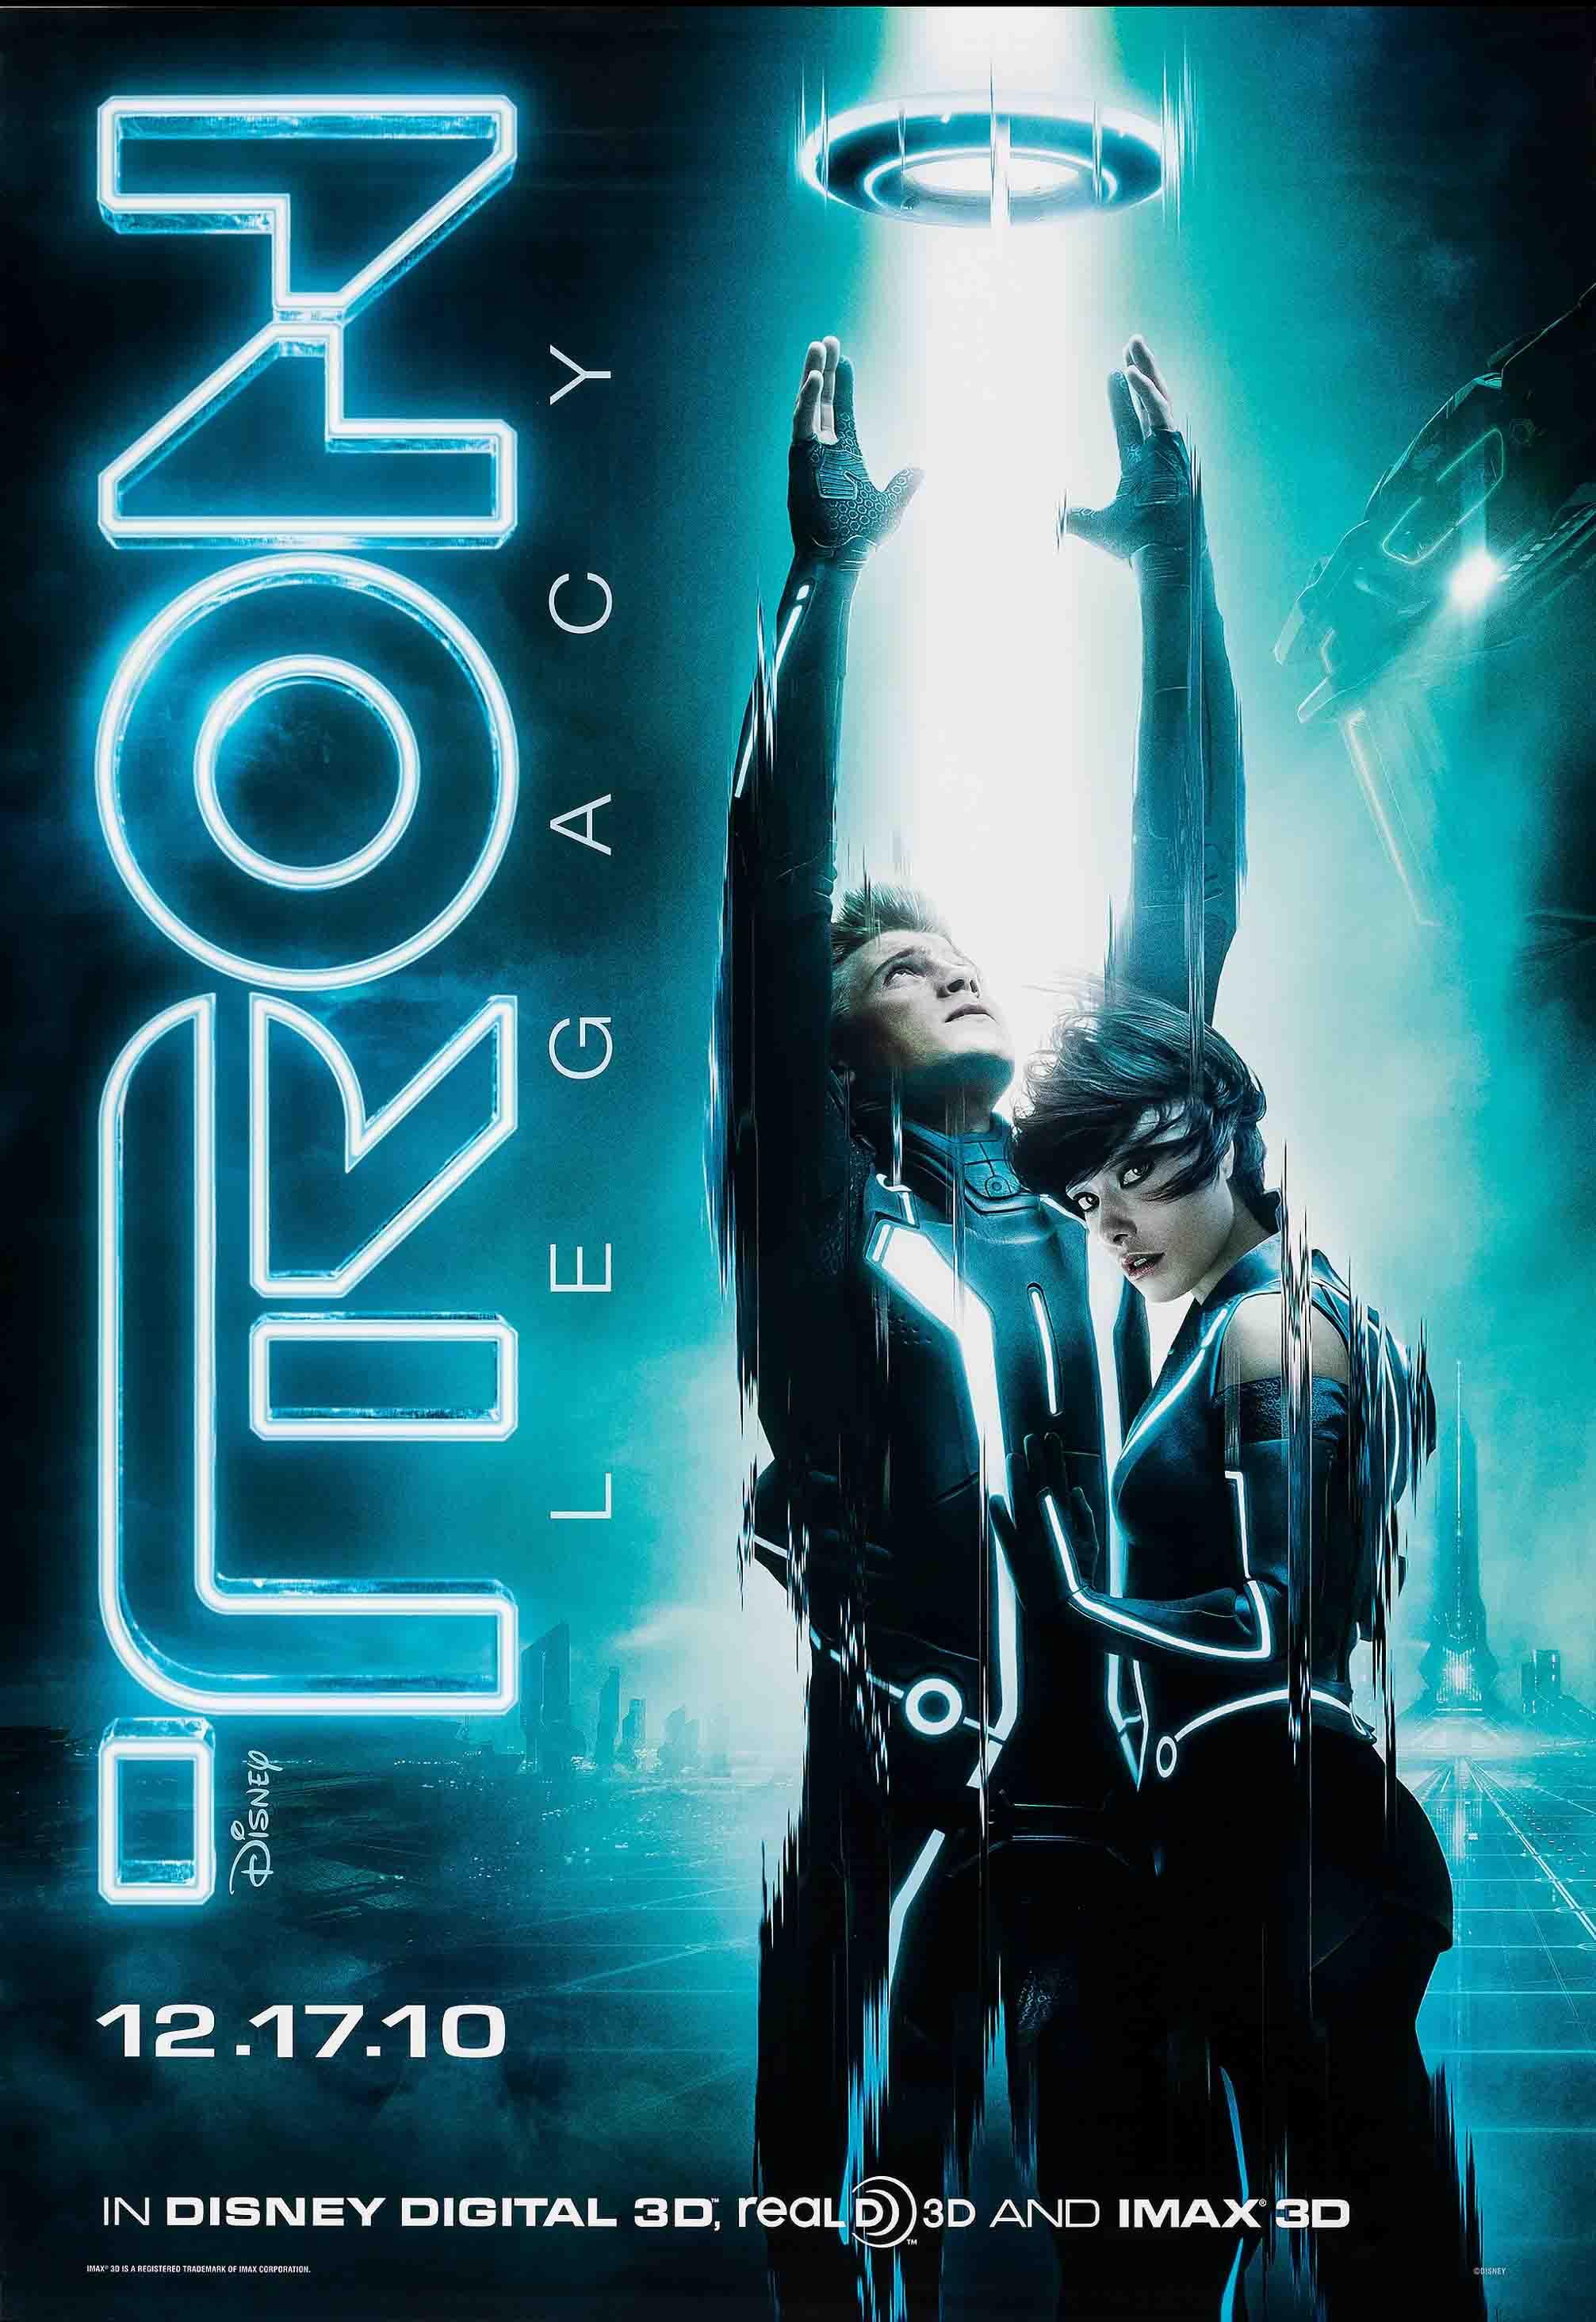 دانلود فیلم TRON Legacy 2010 دوبله فارسی - ترون: میراث 2010